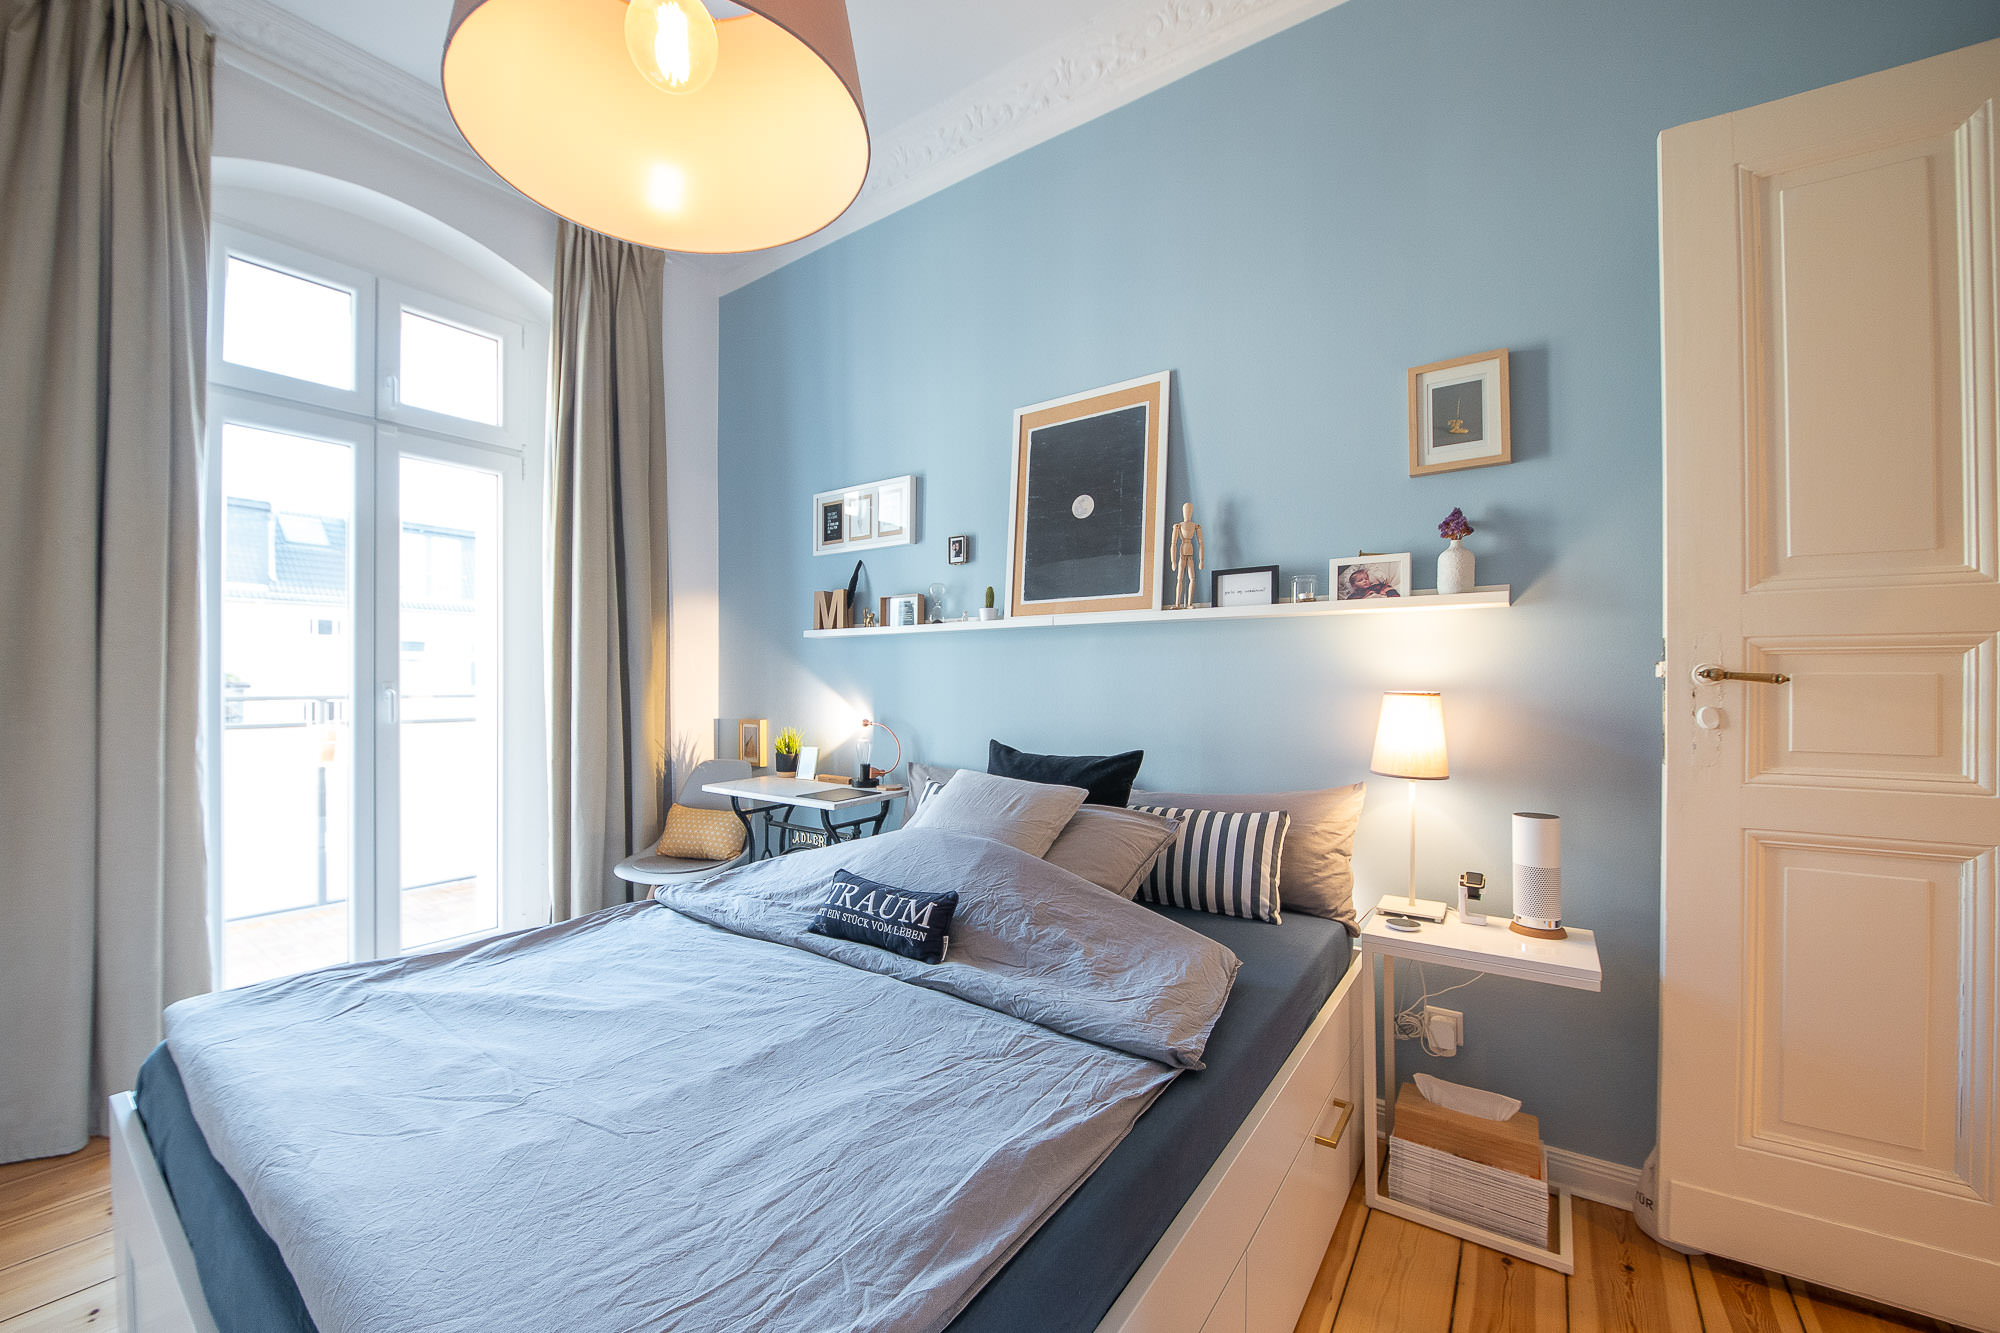 2019-04-26 - Moritz Real Estate-010A7303472-2.jpg